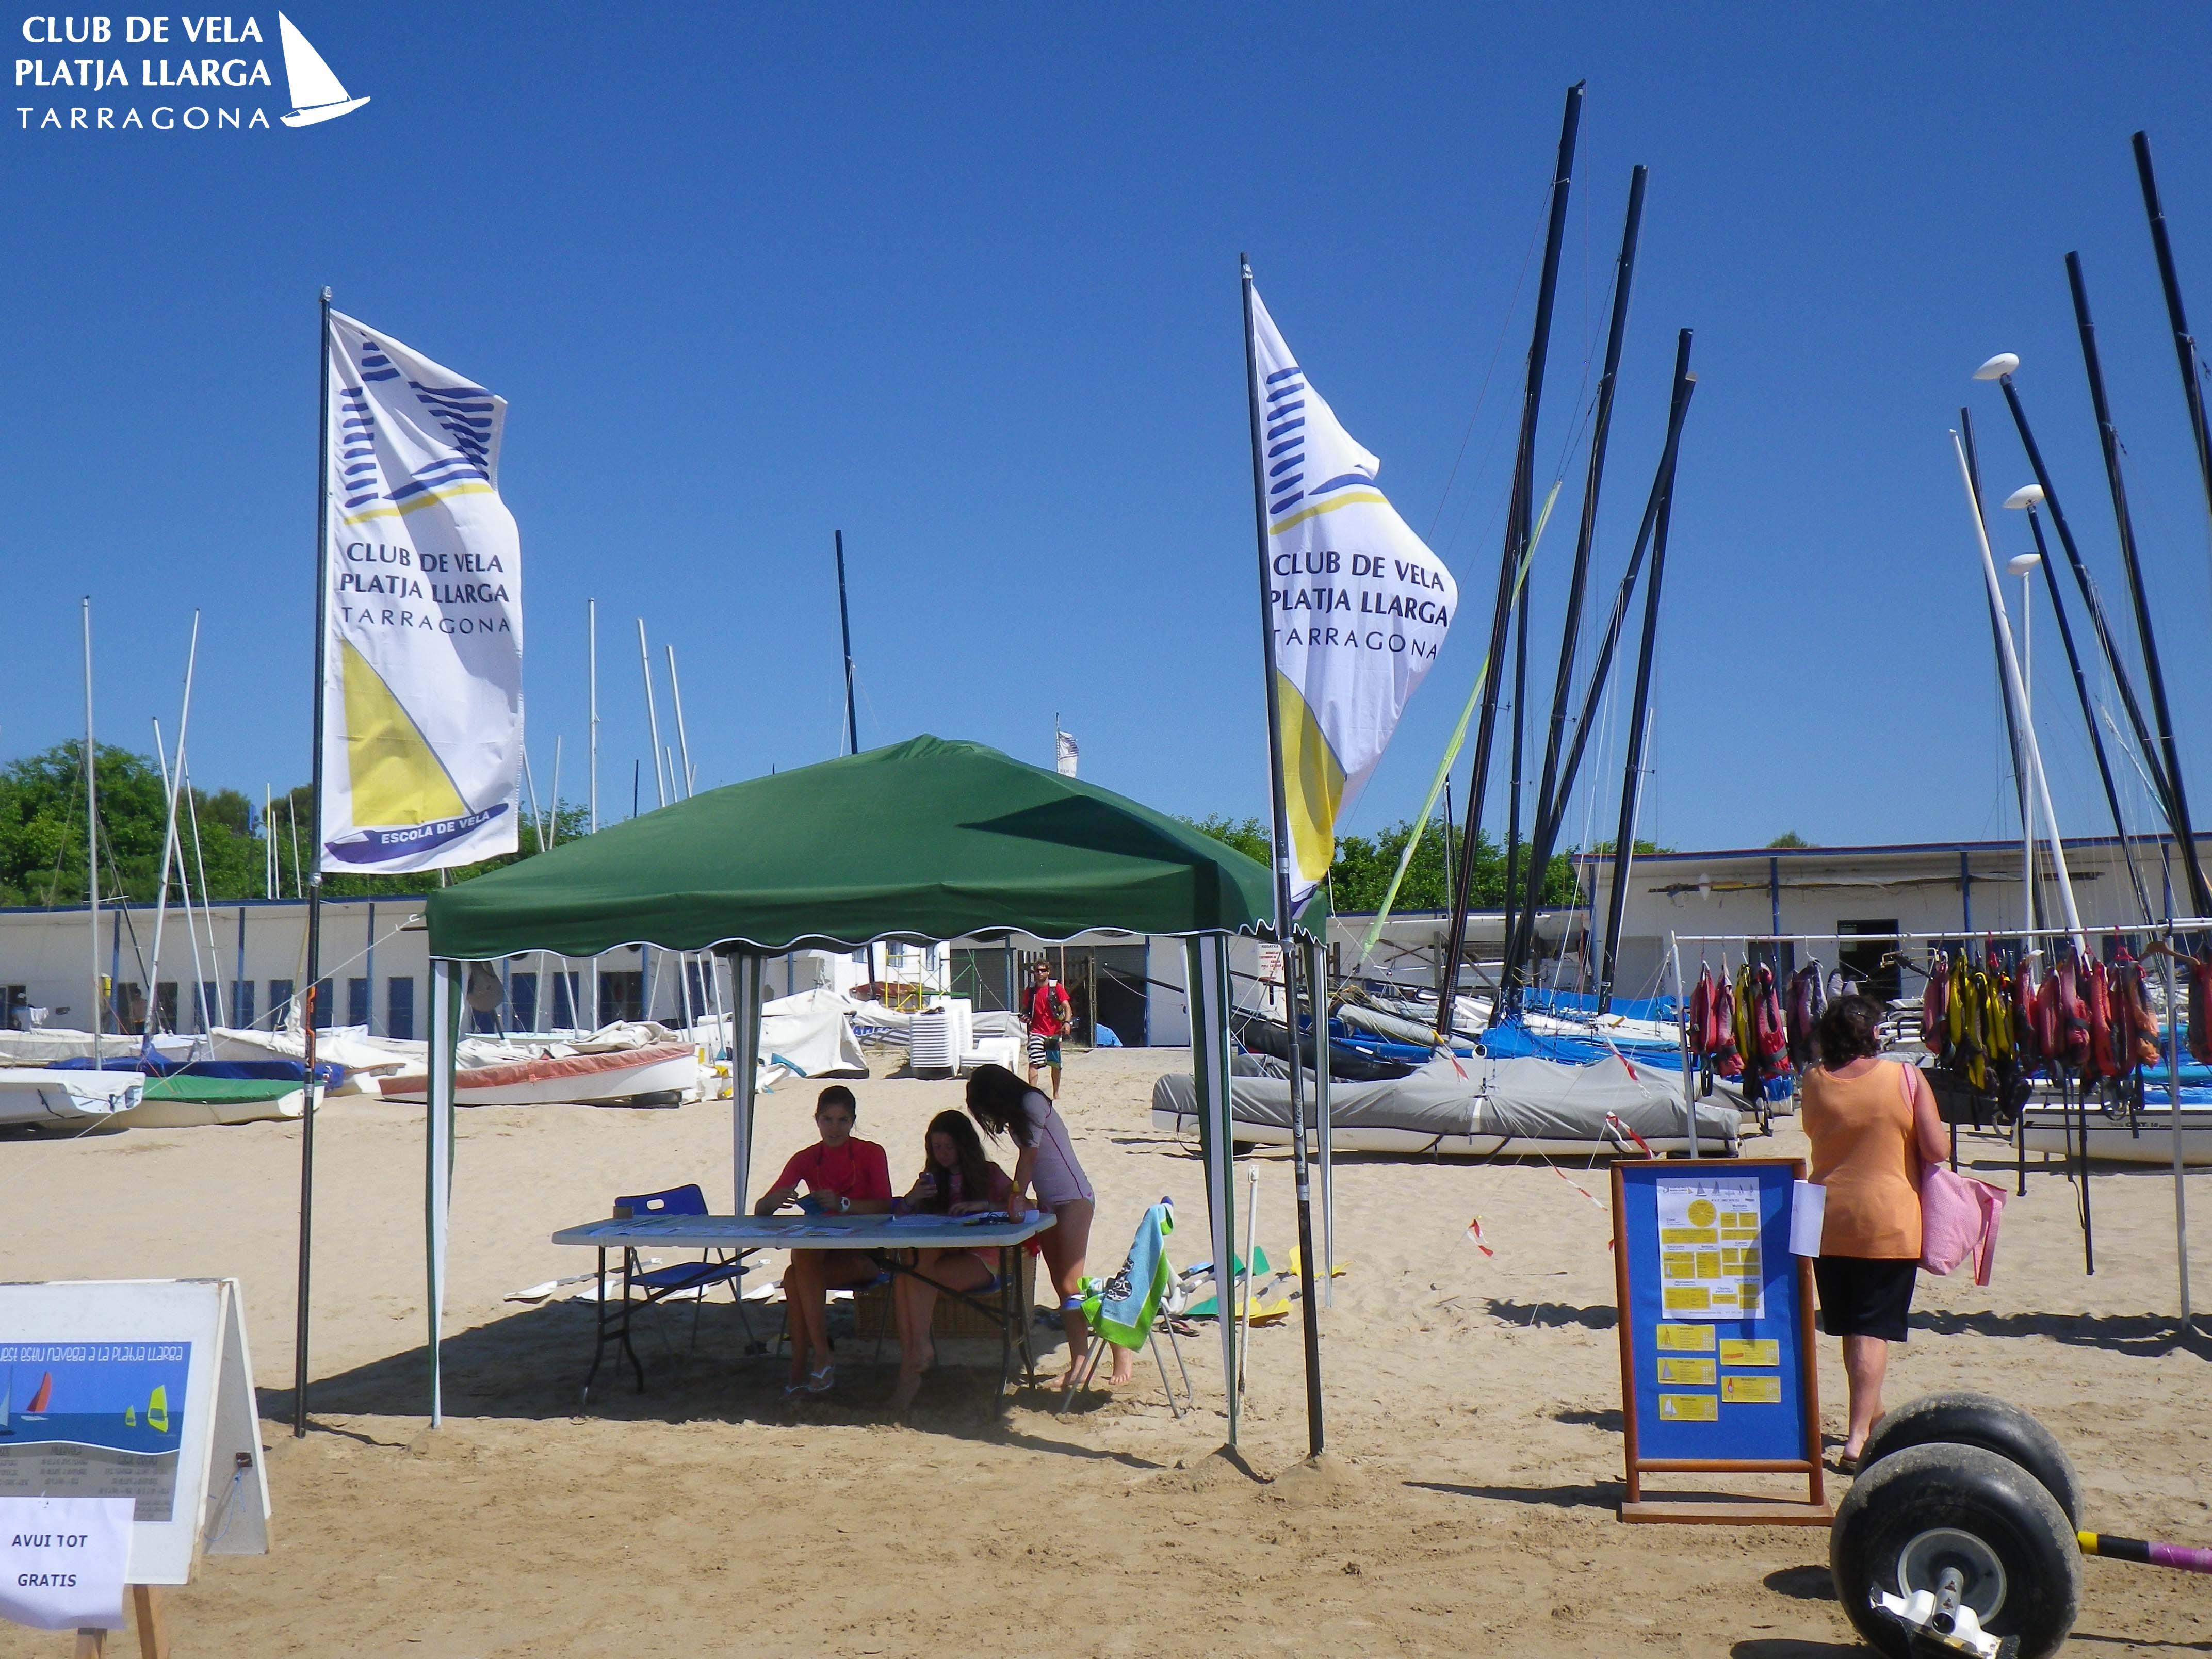 club d evela platja llarga